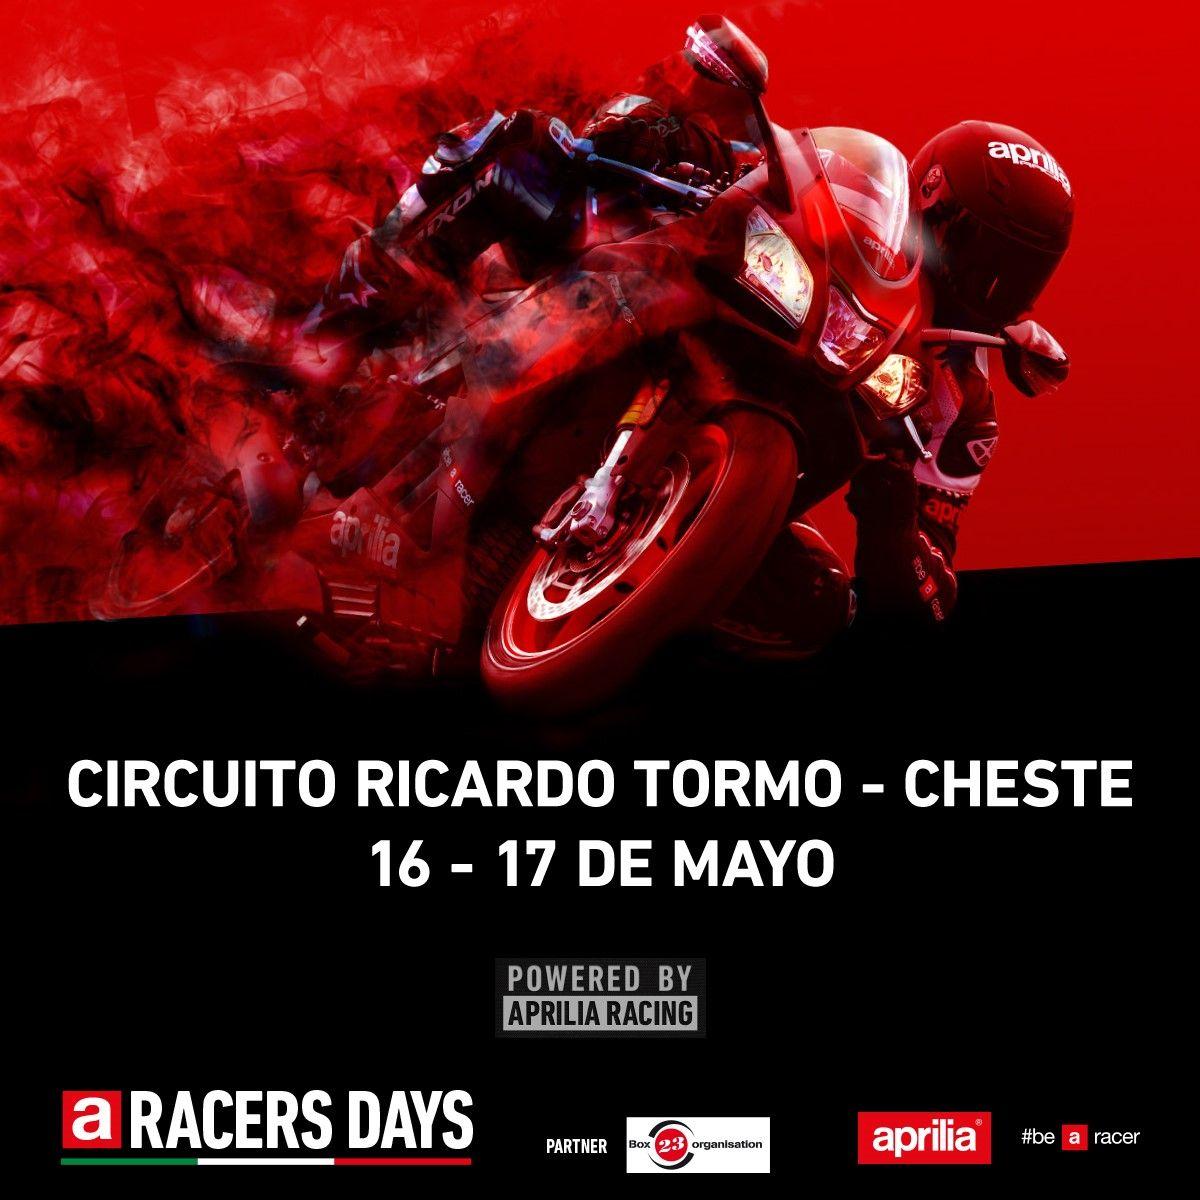 Aprilia Racer Day, 16 y 17 de mayo en el Circuito Ricardo Tormo de Valencia